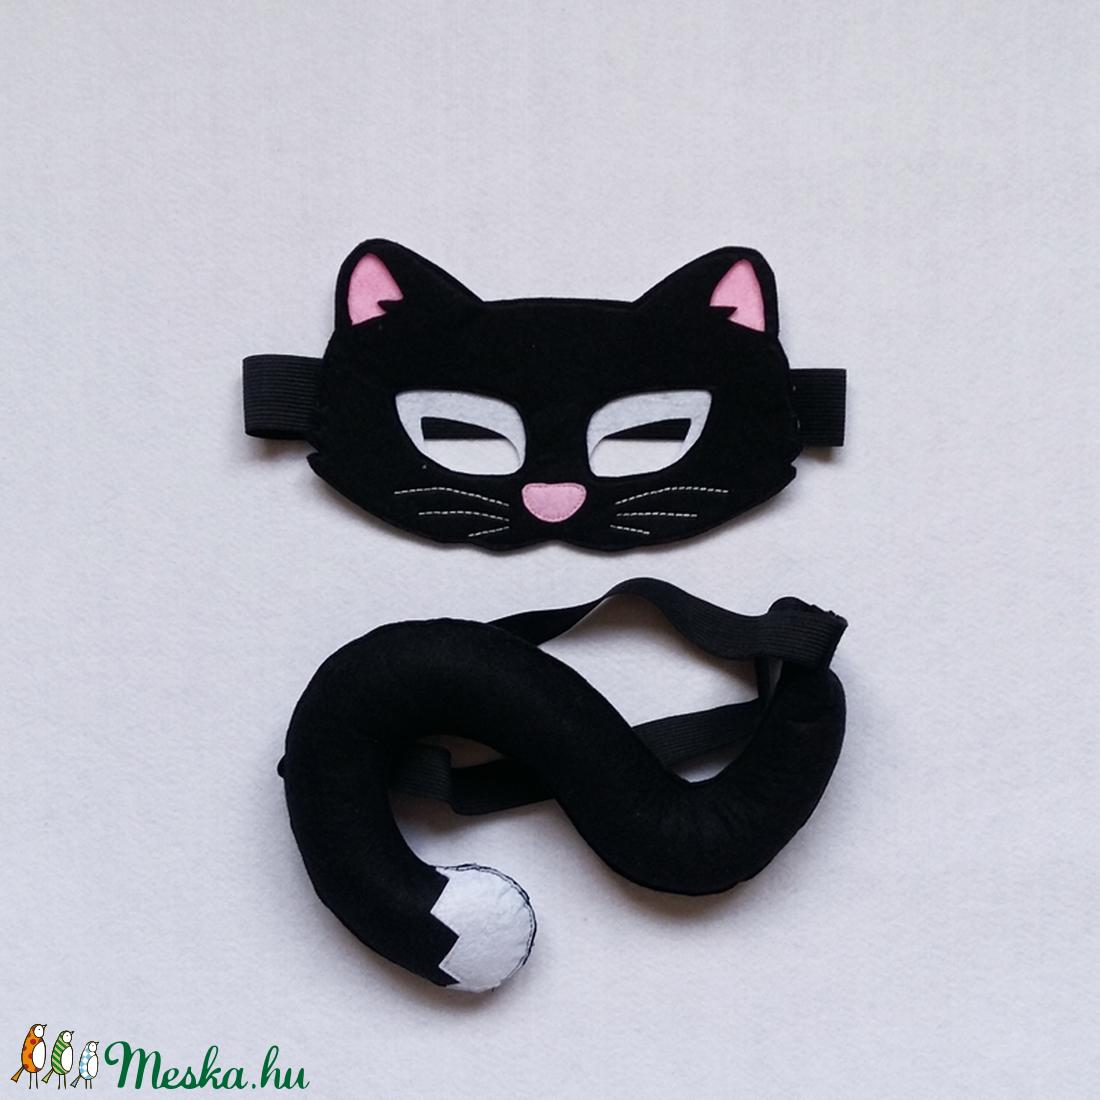 Macska/cica álarc  (banikomuhelye) - Meska.hu